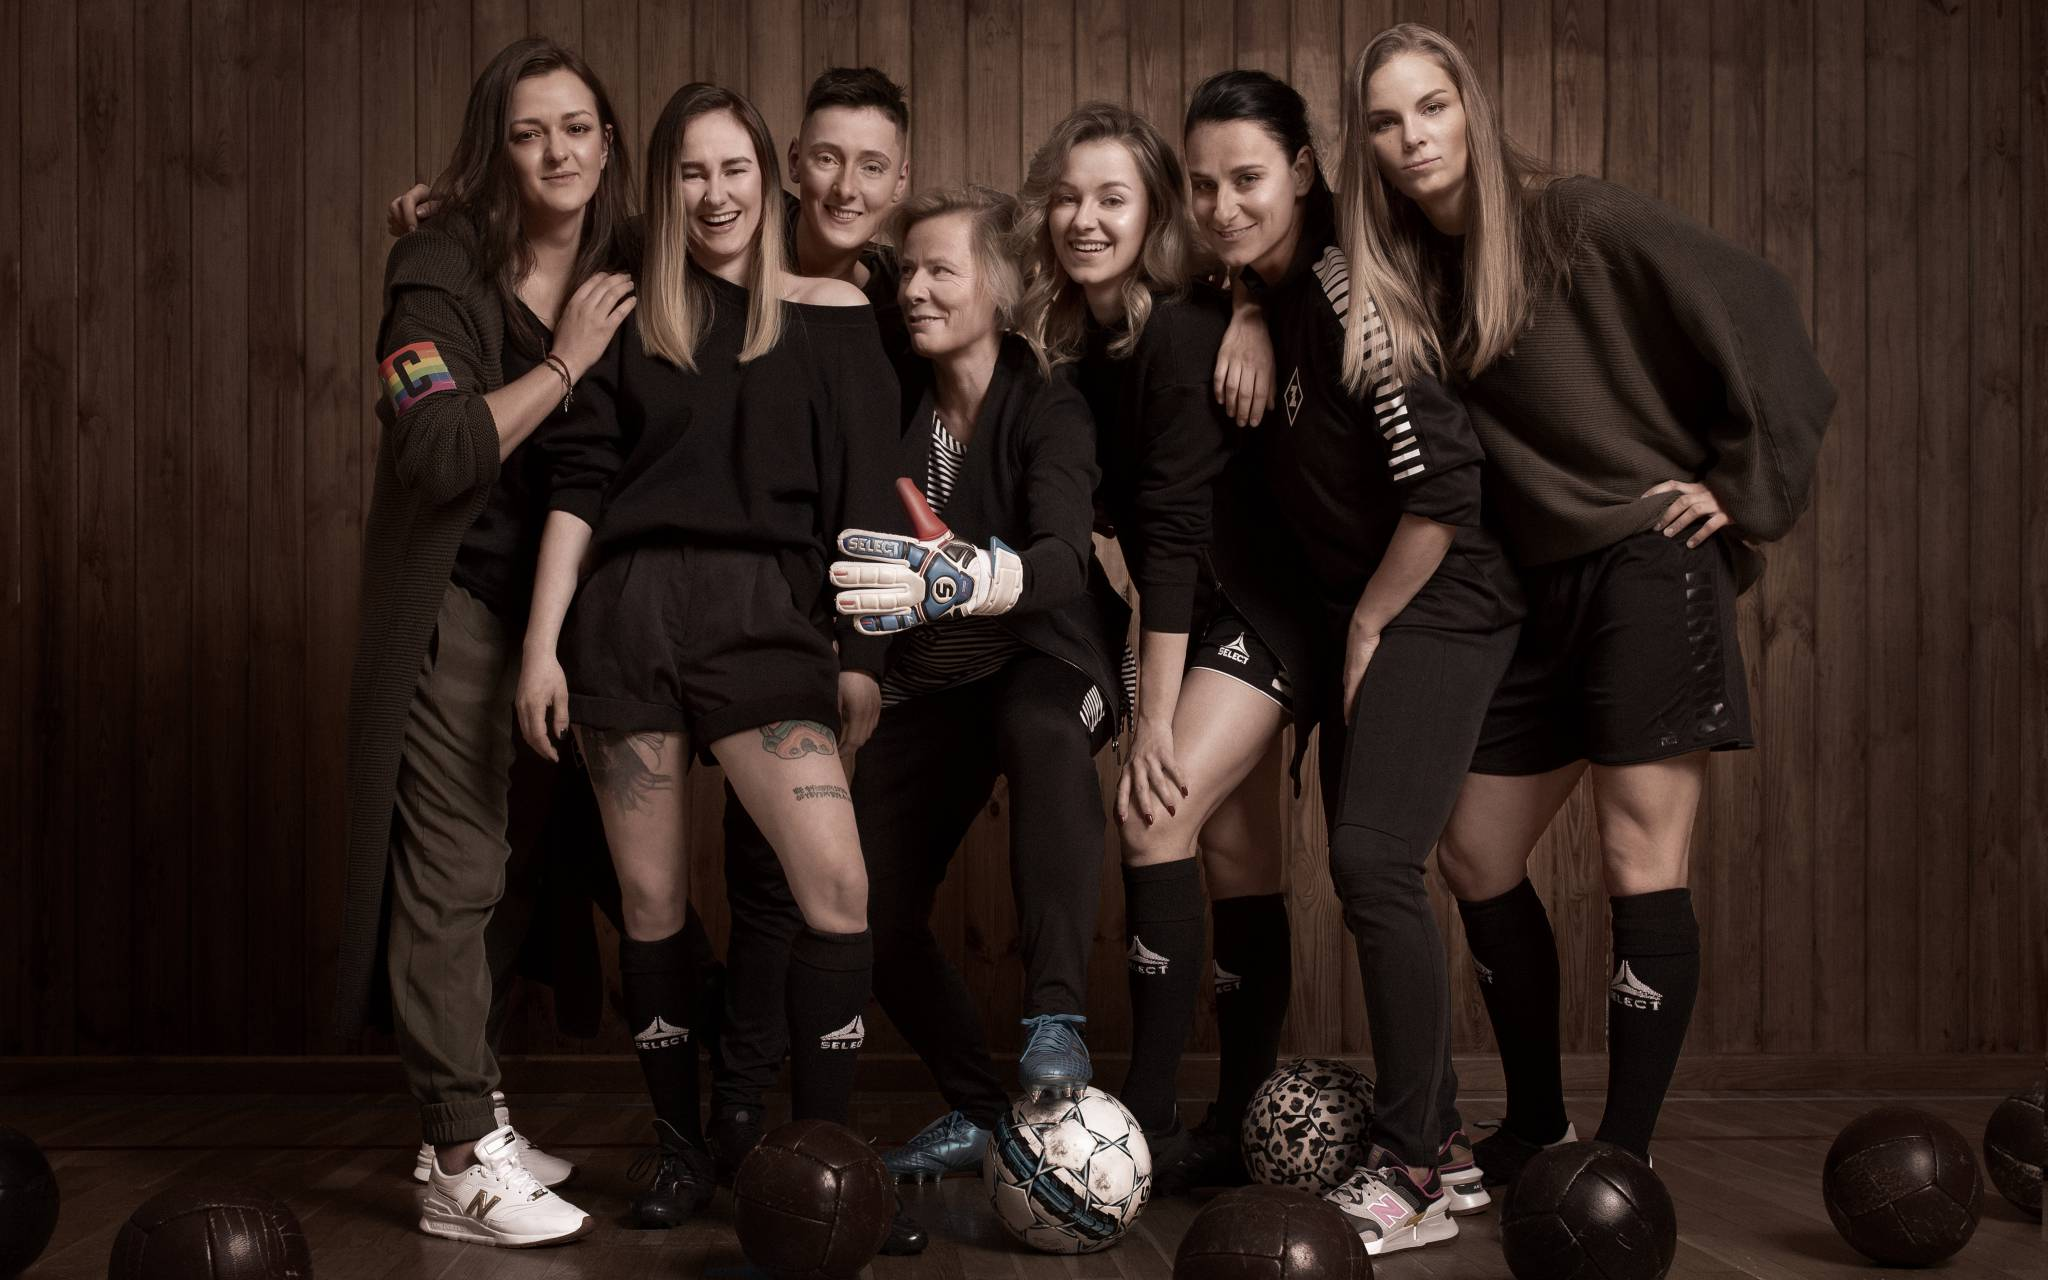 Mariaż mody i sportu - RISK made in Warsaw we współpracy ze Złymi Dziewczynami